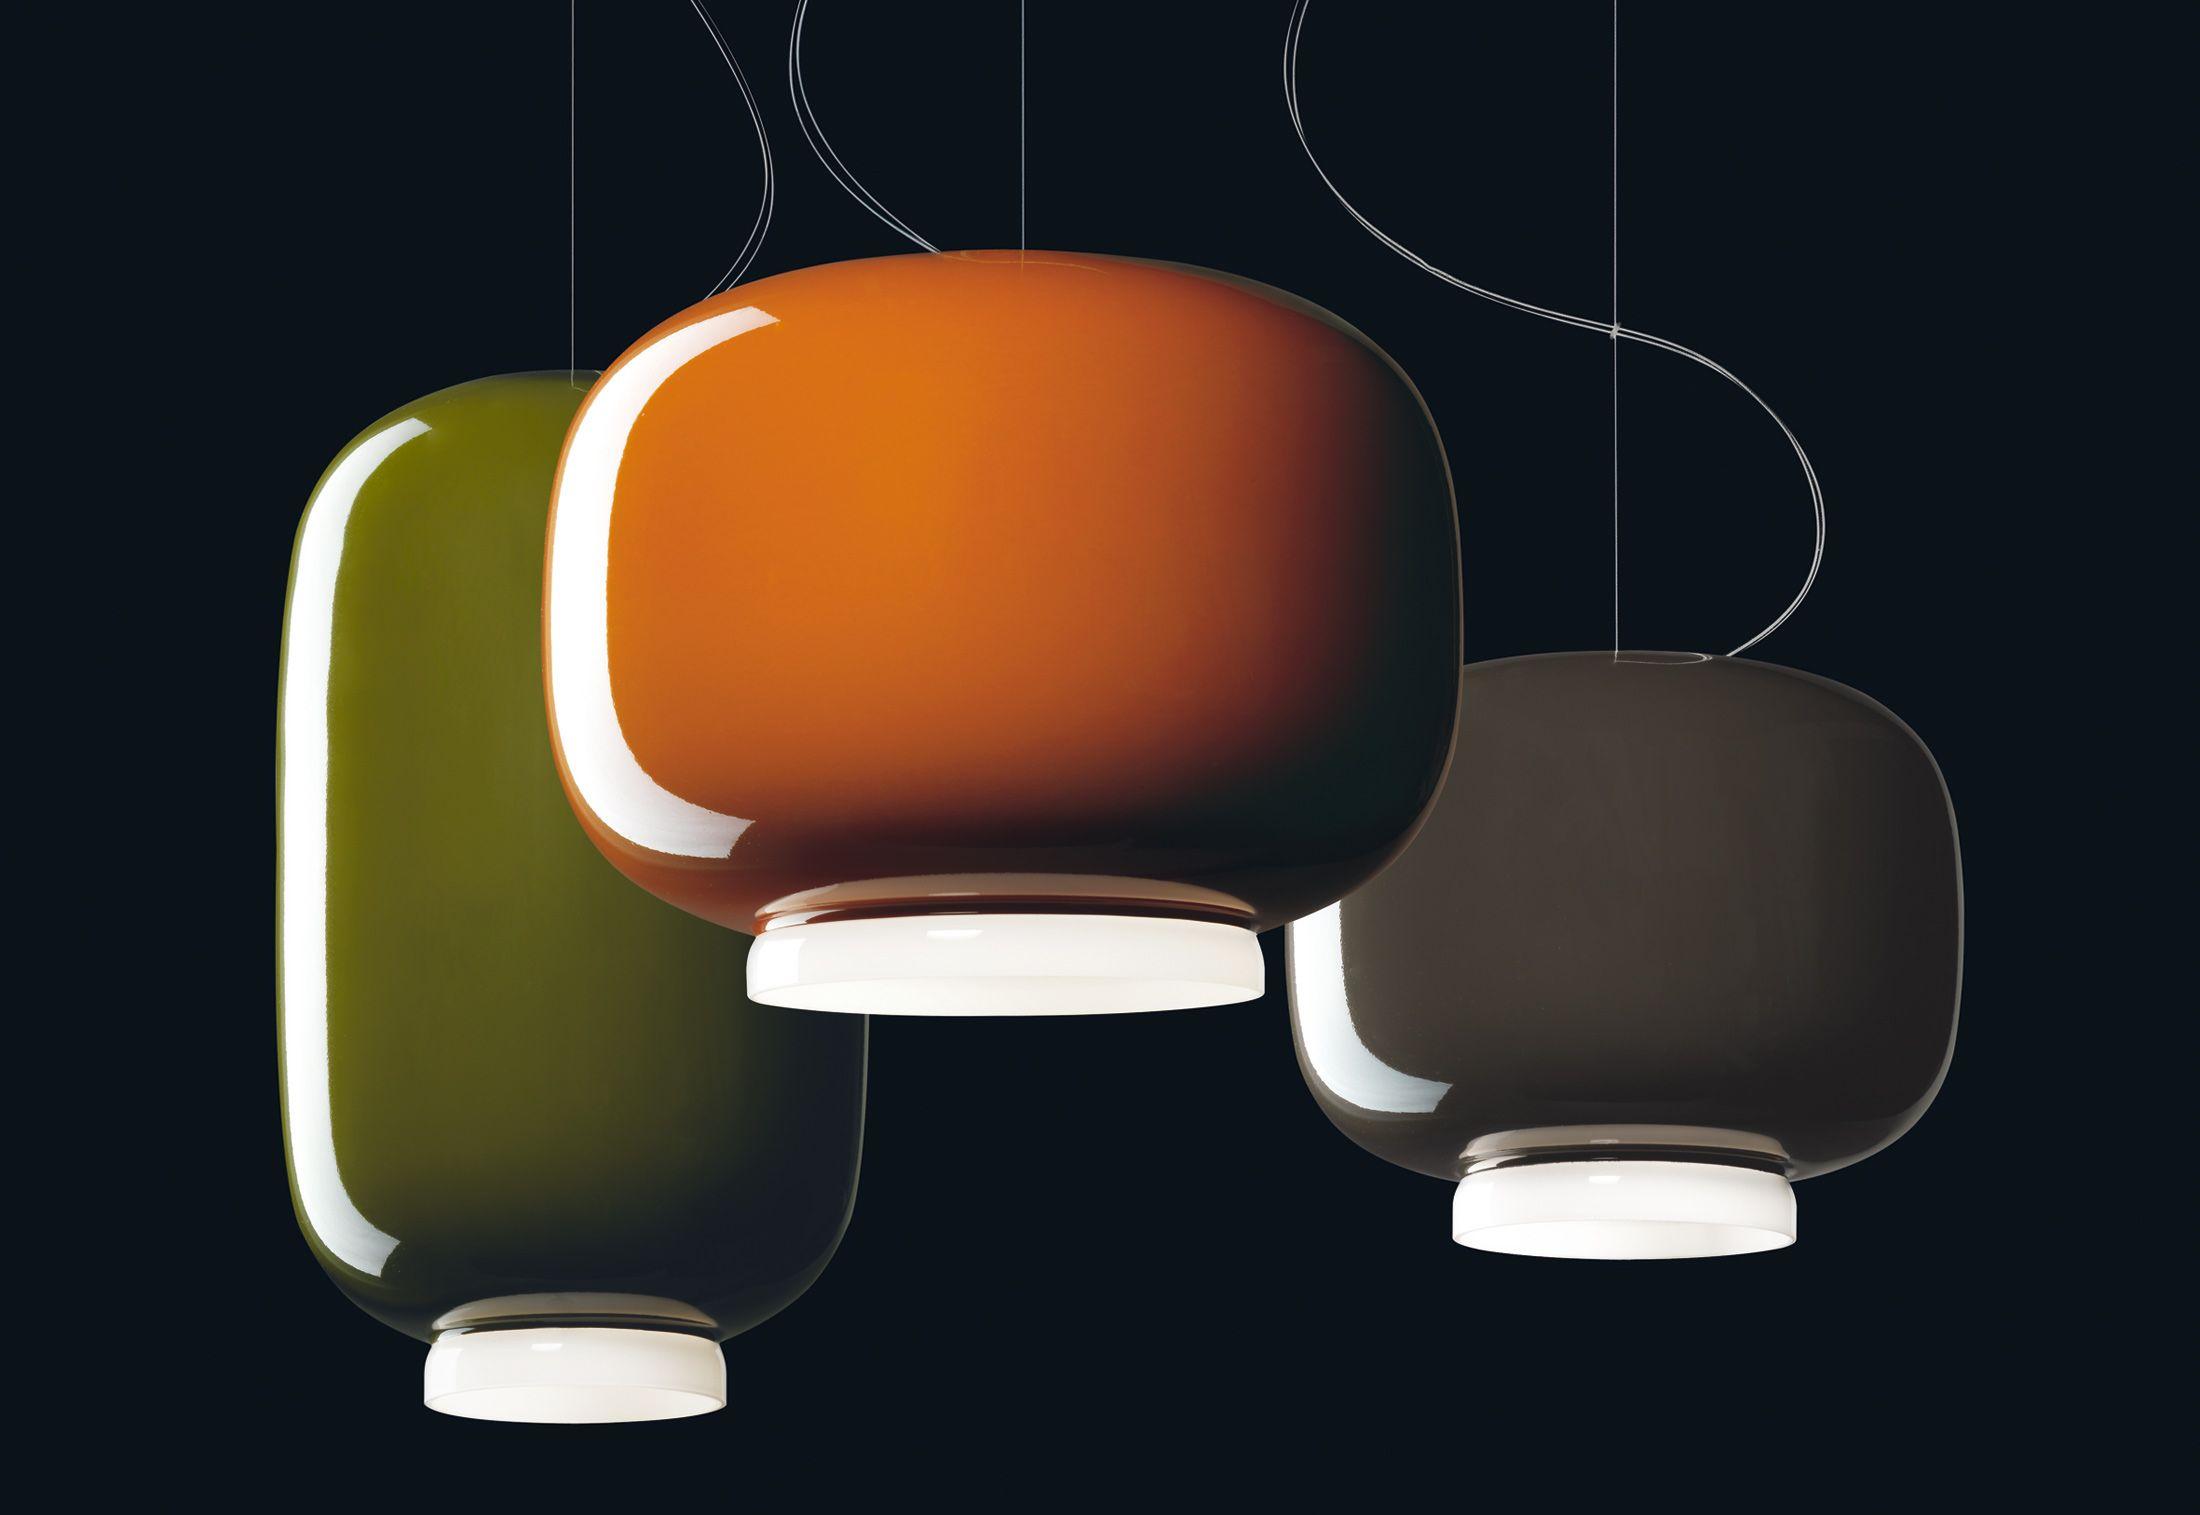 Lampade In Vetro Colorate : Lampada a sospensione in vetro colorato chouchin di foscarini